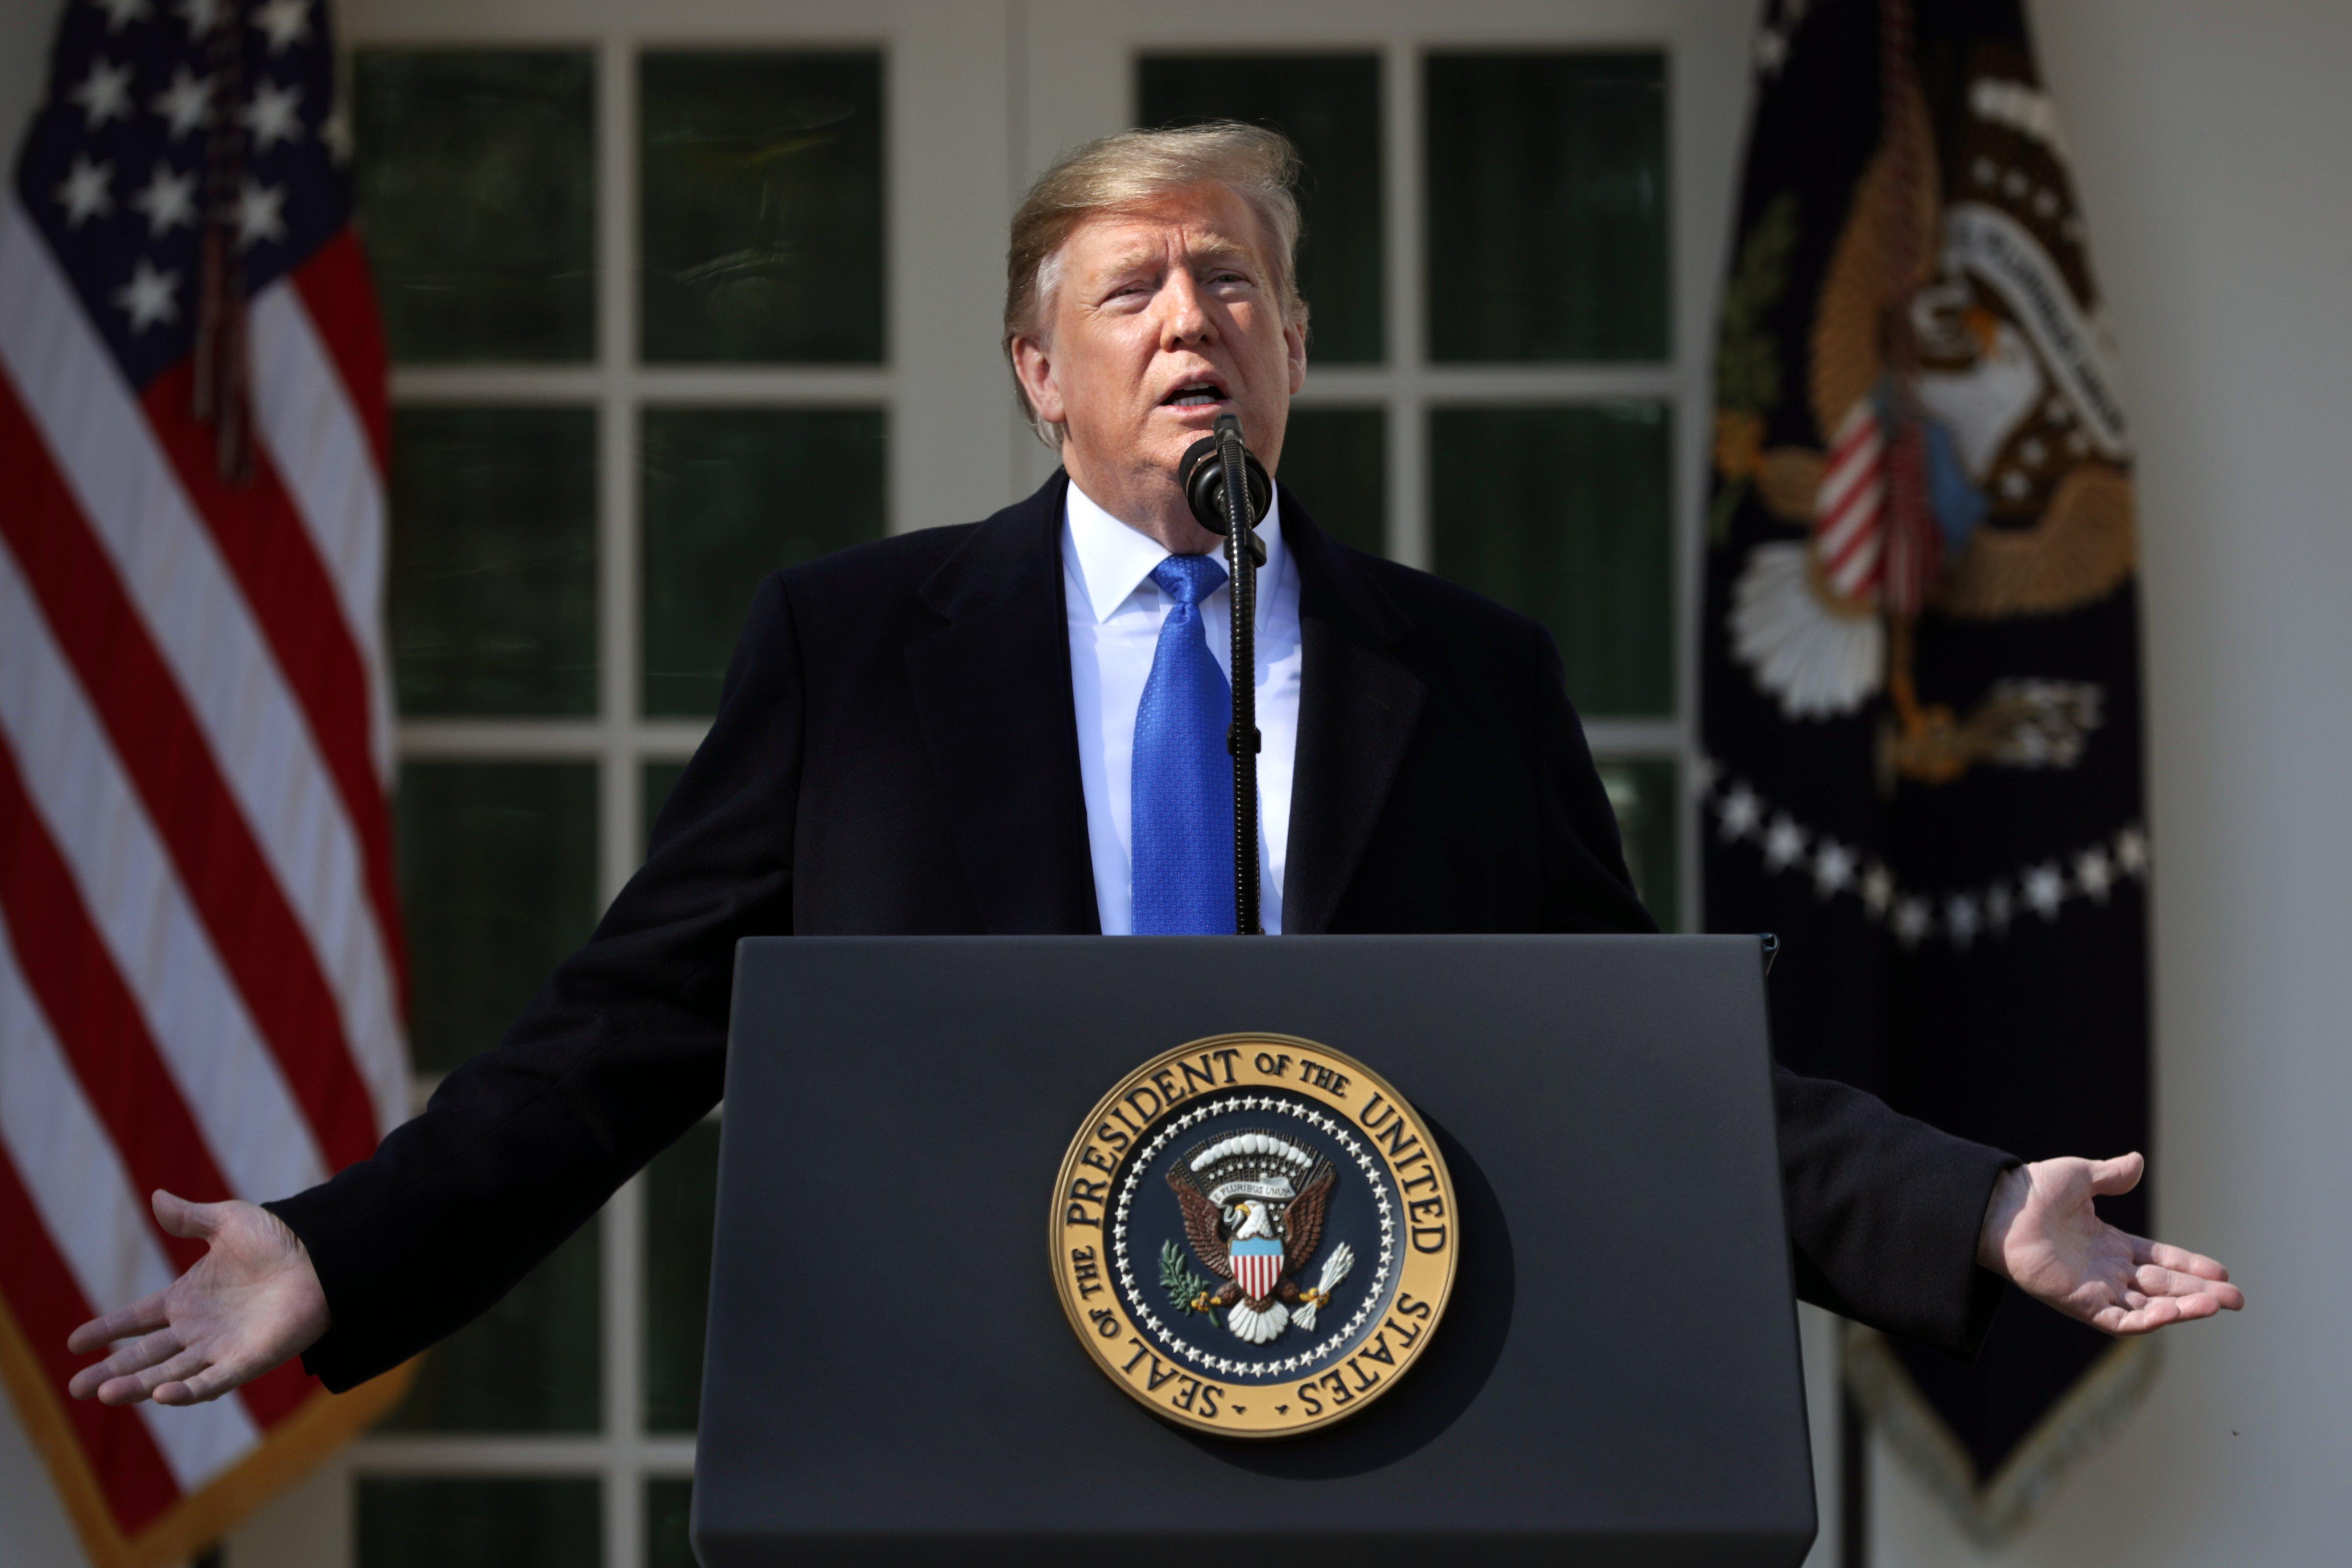 Presidente Trump declarando emergencia nacional en la Casa Blanca | Foto: Getty Images